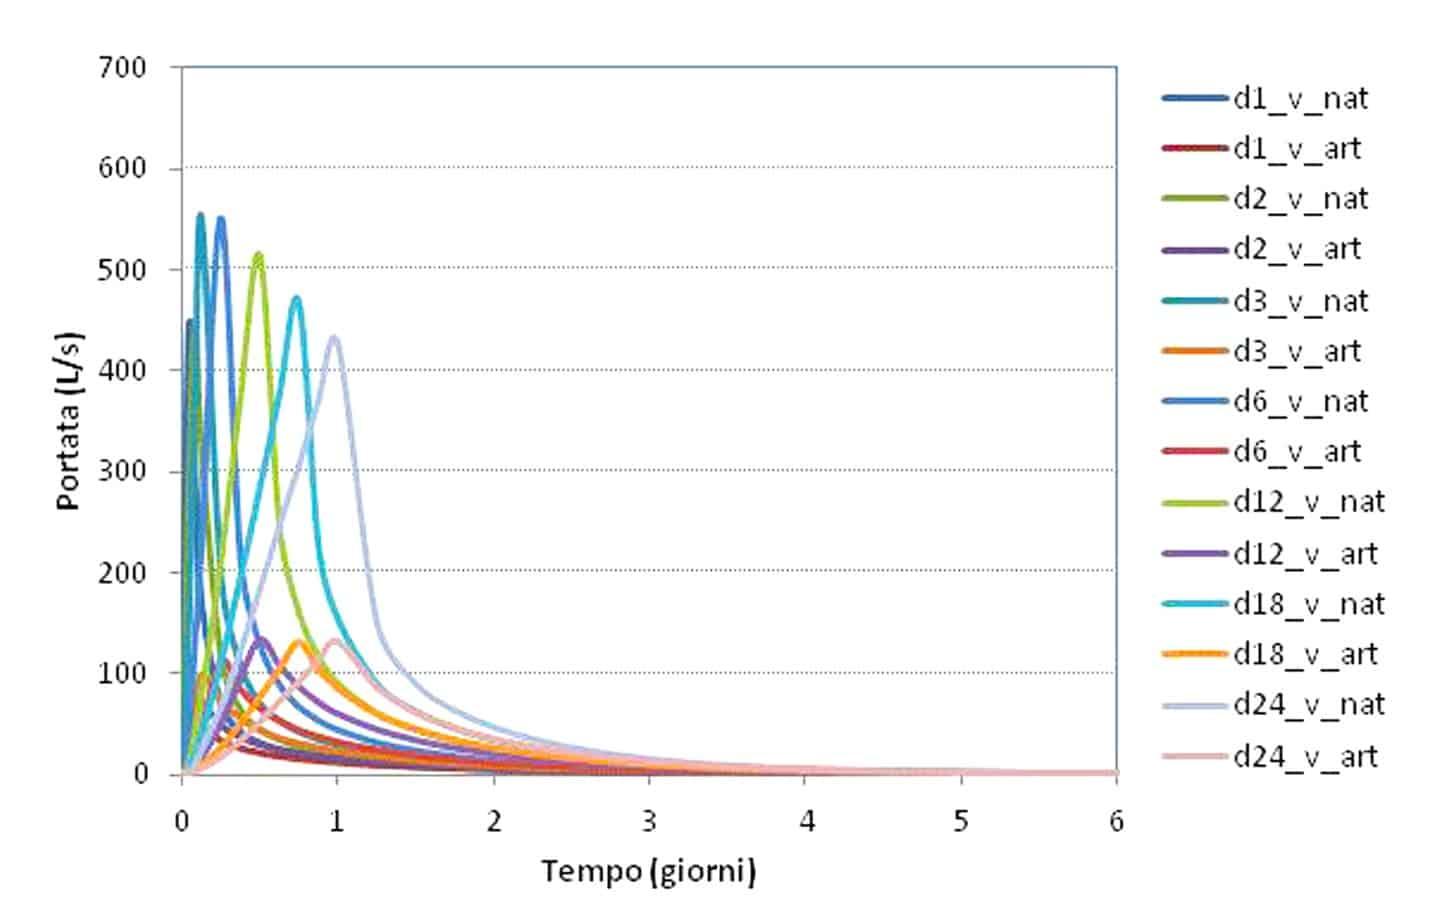 I risultati delle simulazioni con ricarica a distribuzione costante differenziati per il tratto in galleria naturale e quello in galleria artificiale. Ogni curva rappresenta una simulazione di durata diversa